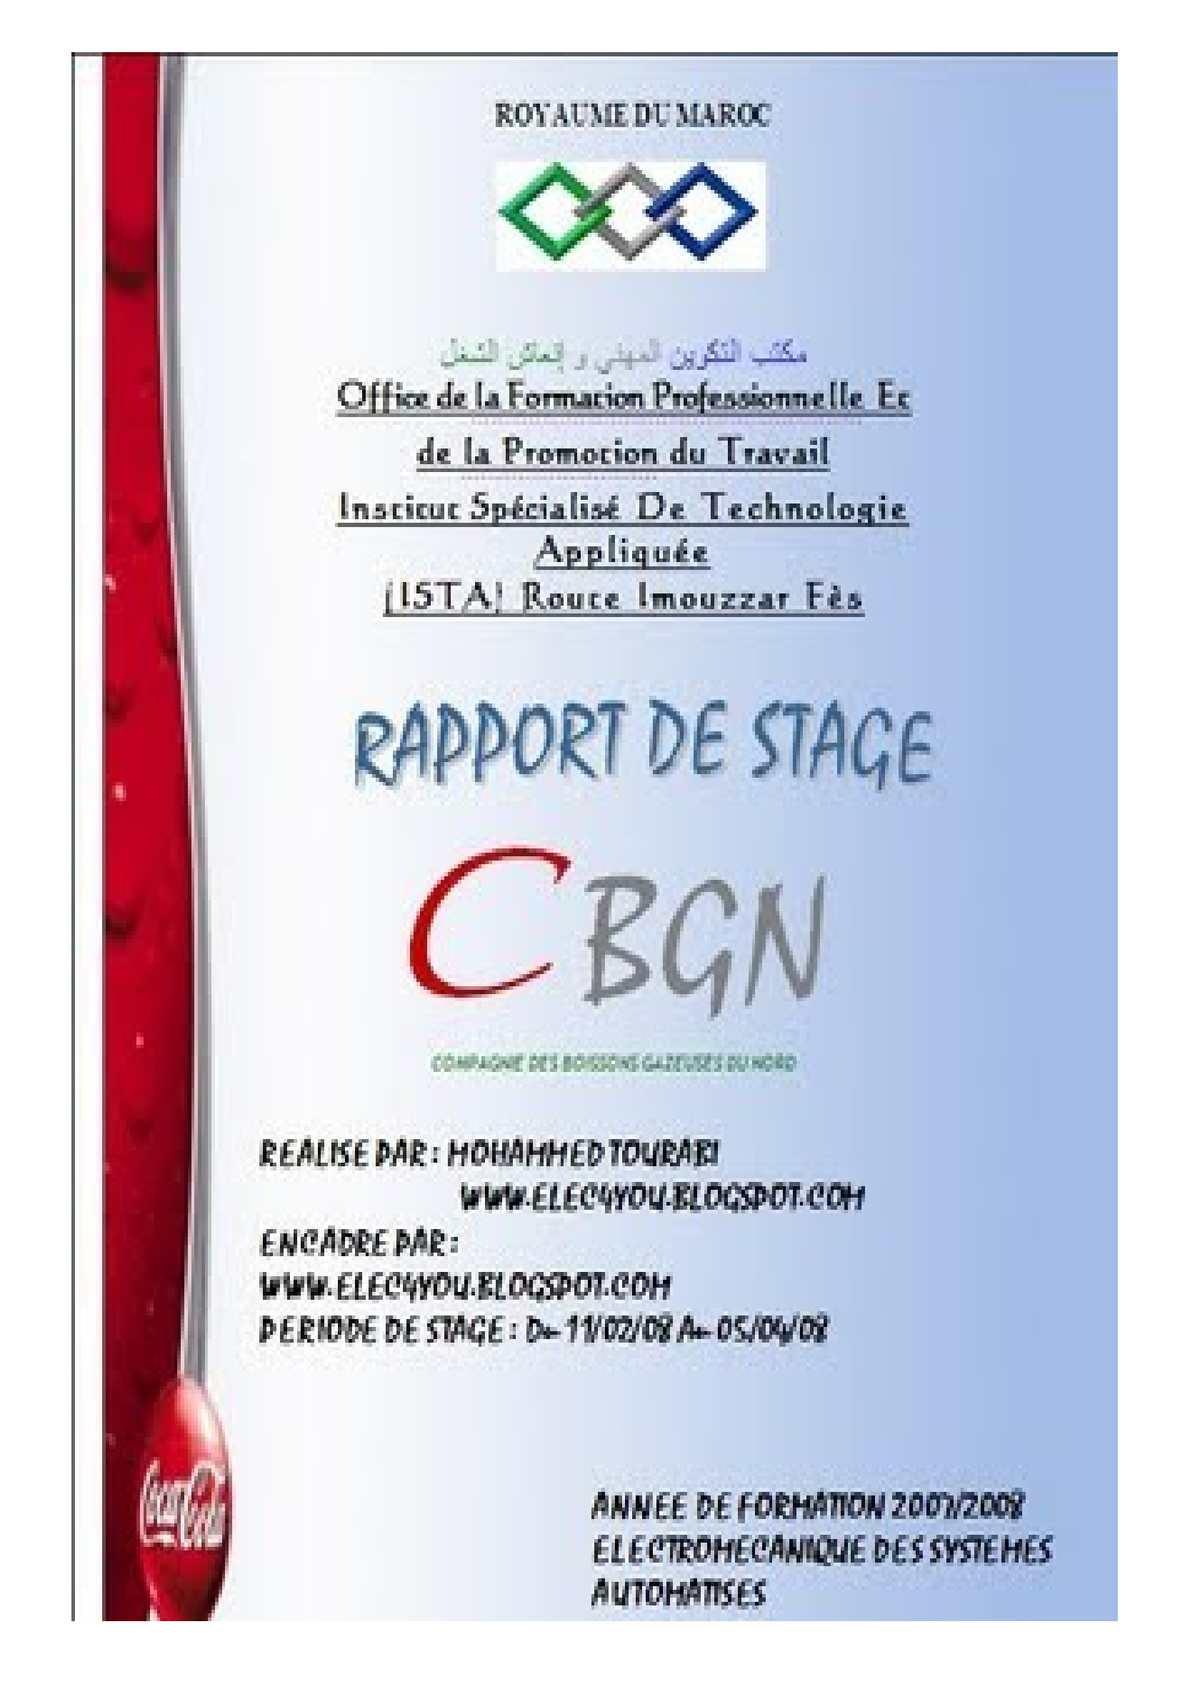 Dessus de lit: Rapport de stage comptabilité maroc